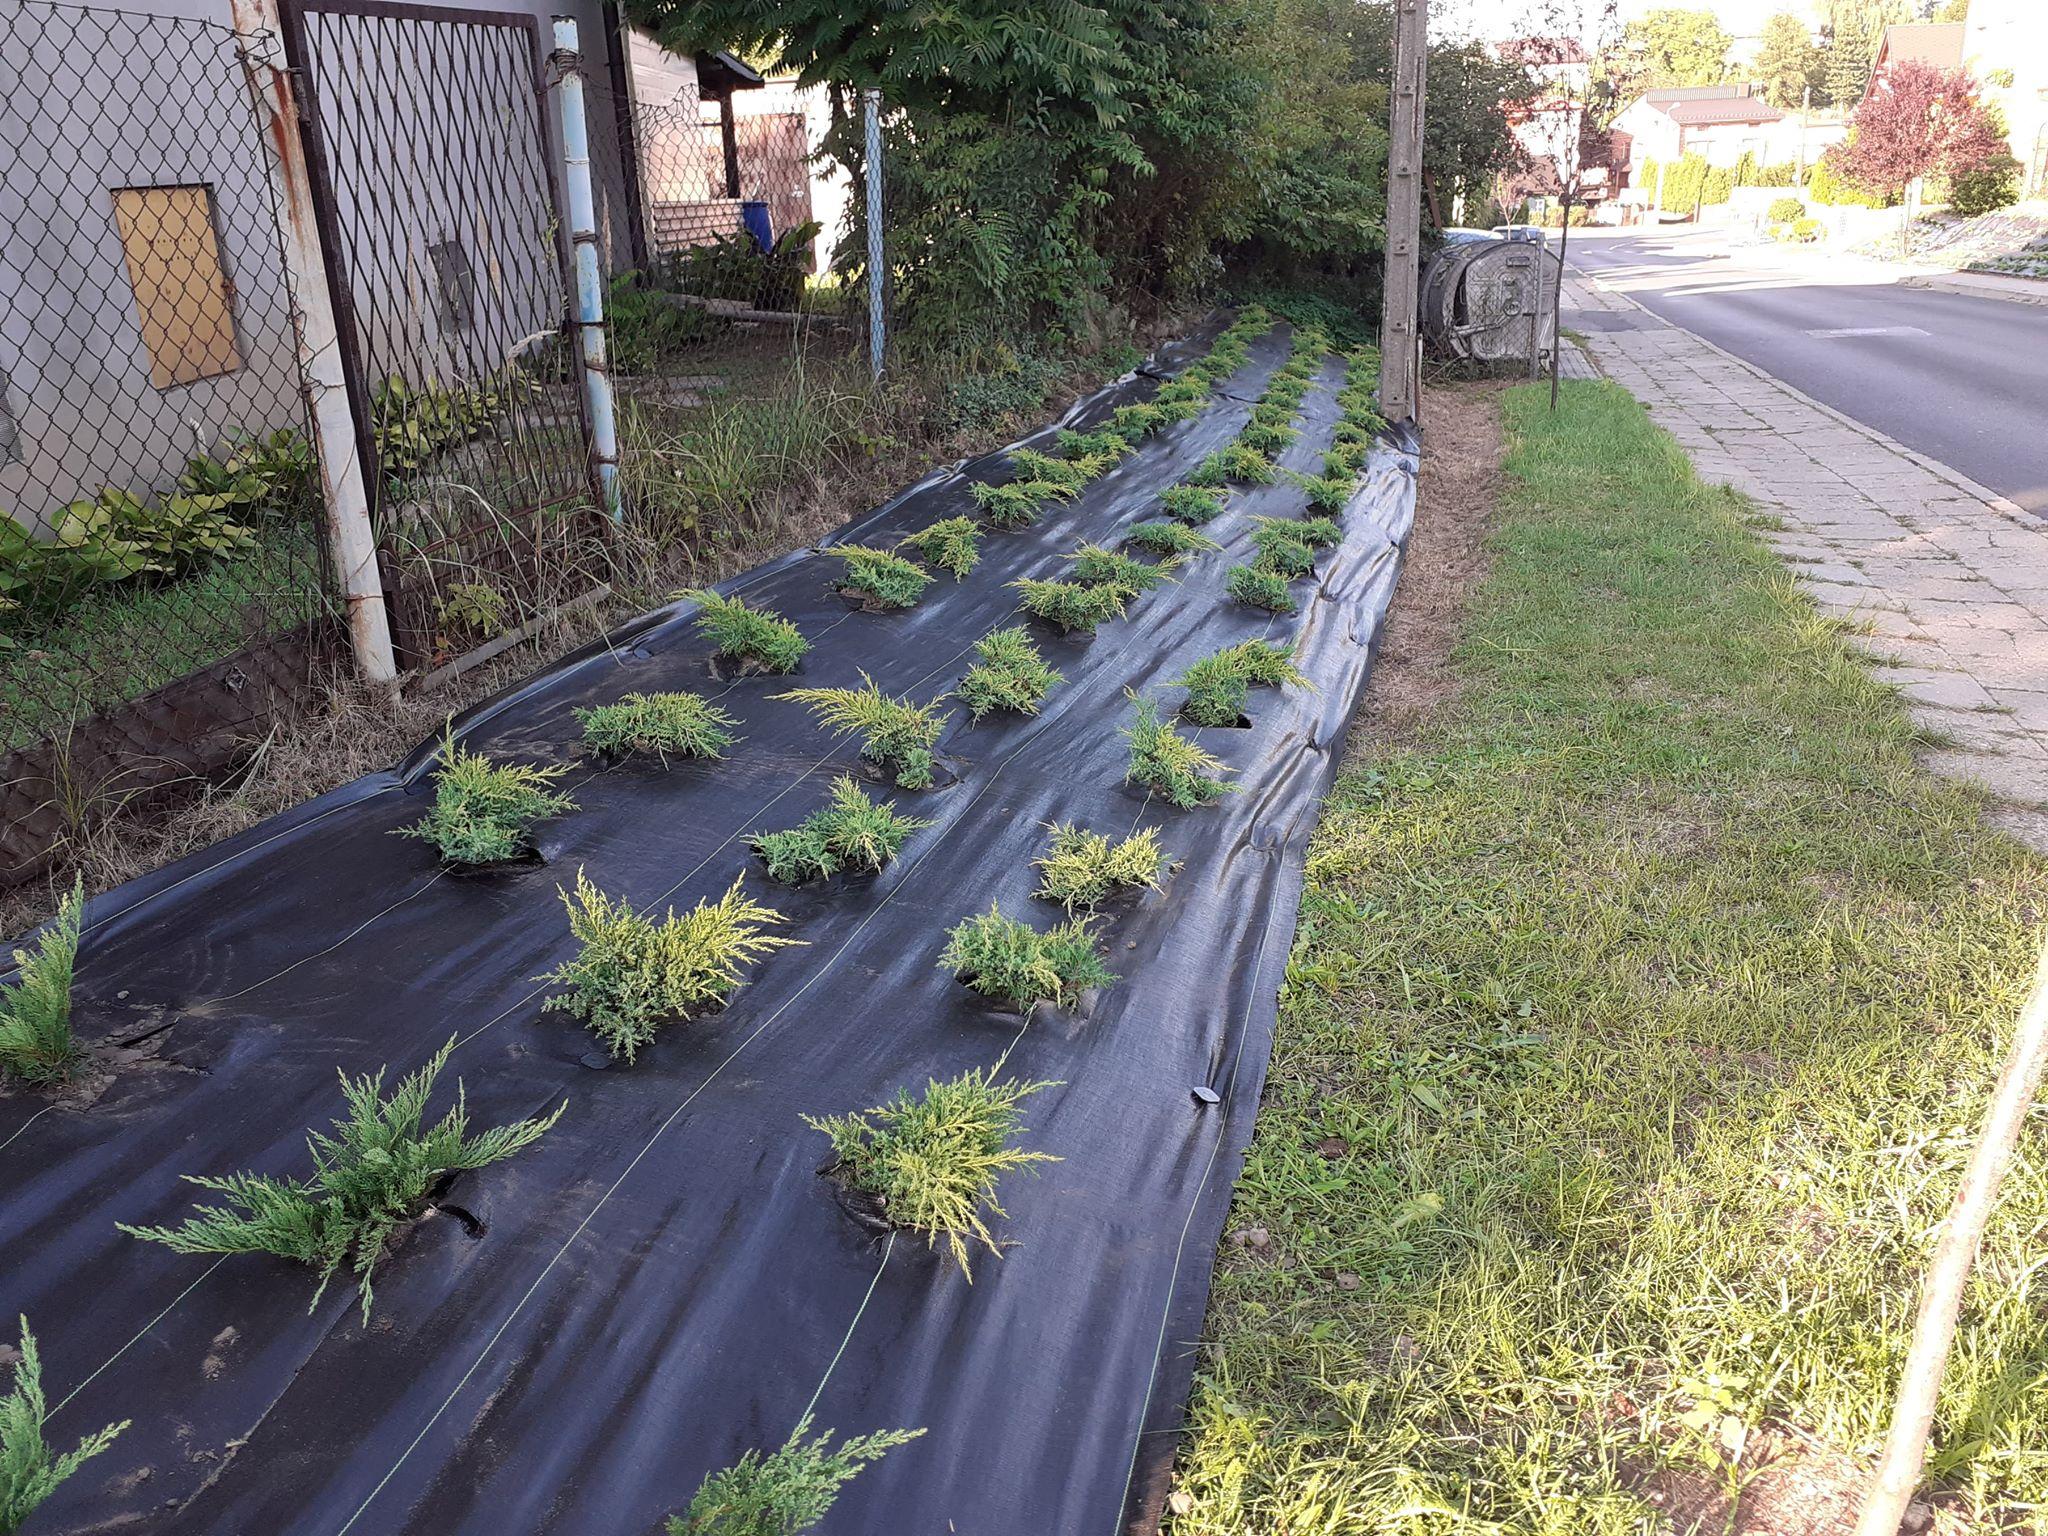 Sadzonki roślin przy asfaltowej drodze